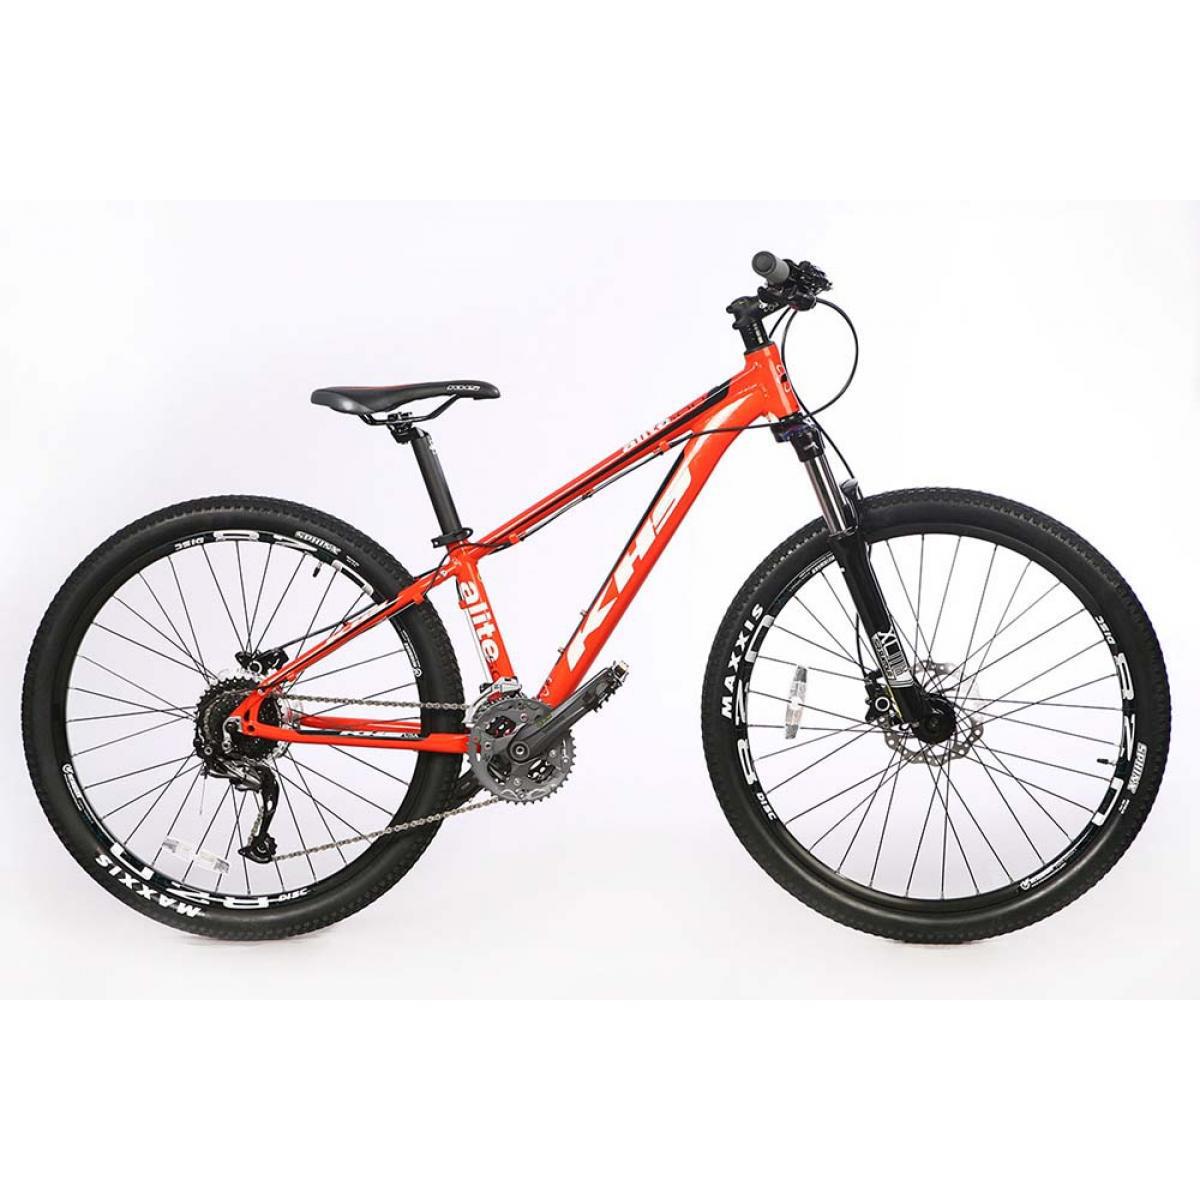 Велосипед горный KHS Alite 500 2016, цвет: оранжевый, рама 17, колесо 26258572